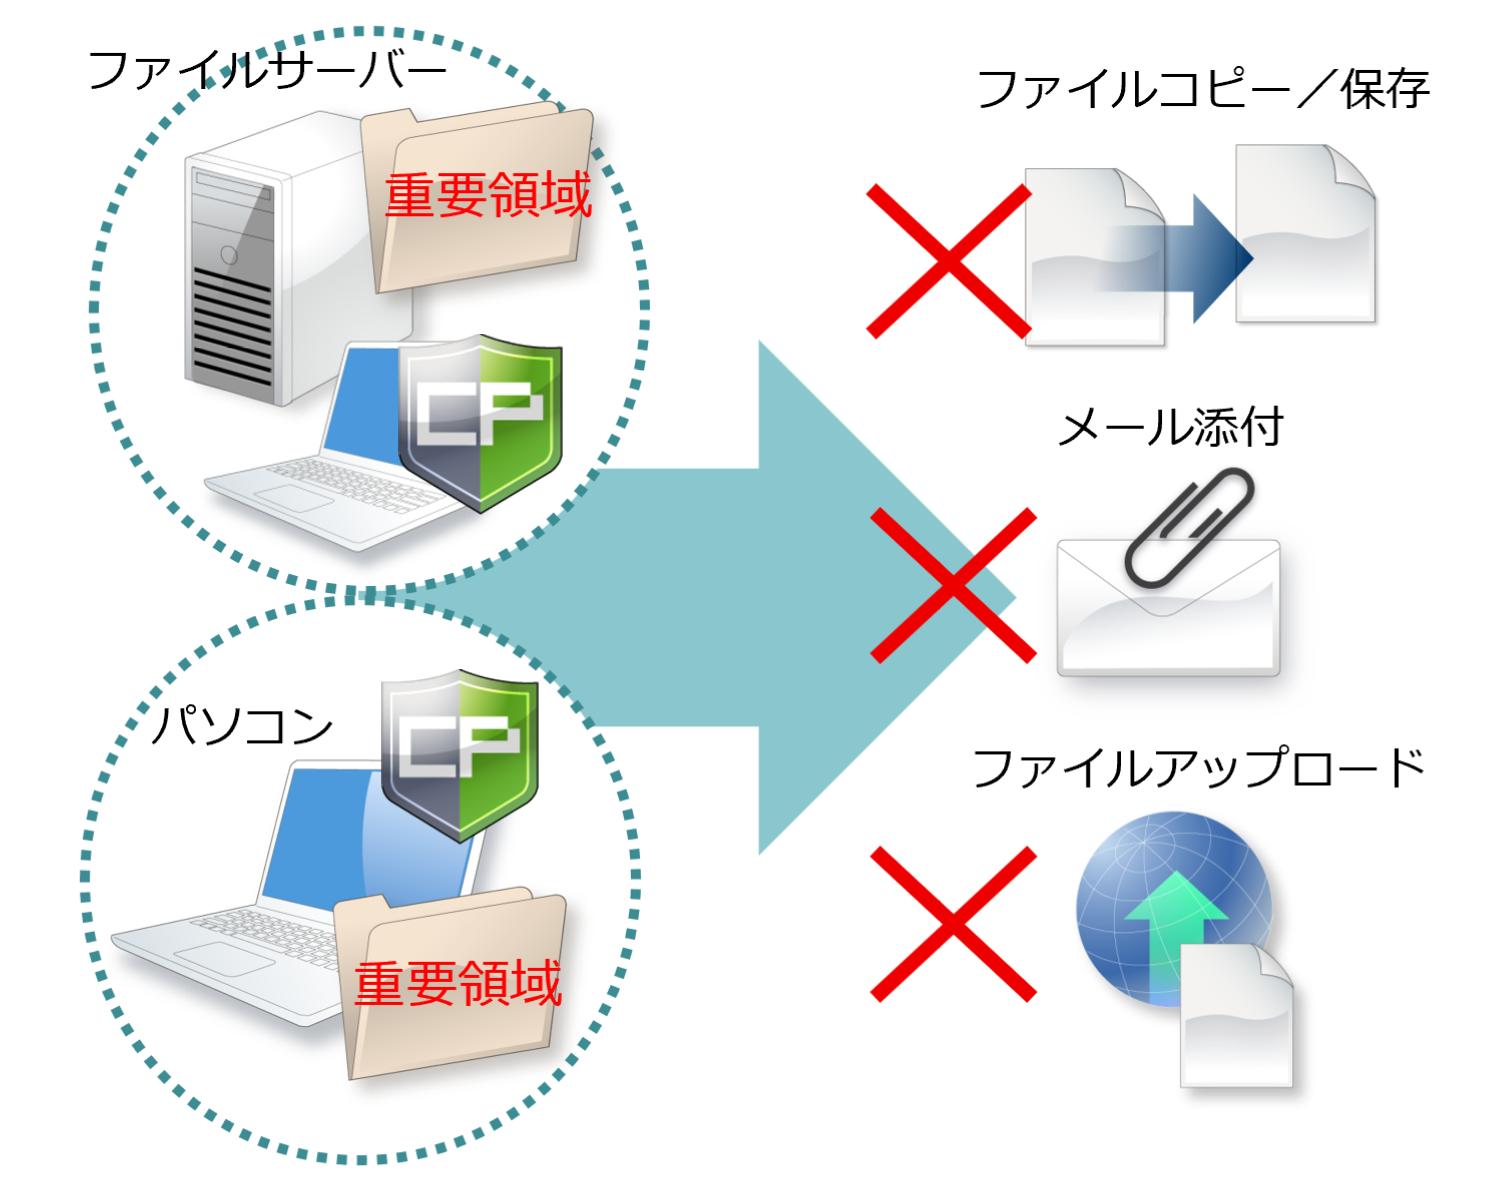 サーバーやパソコンからのファイルコピーを禁止